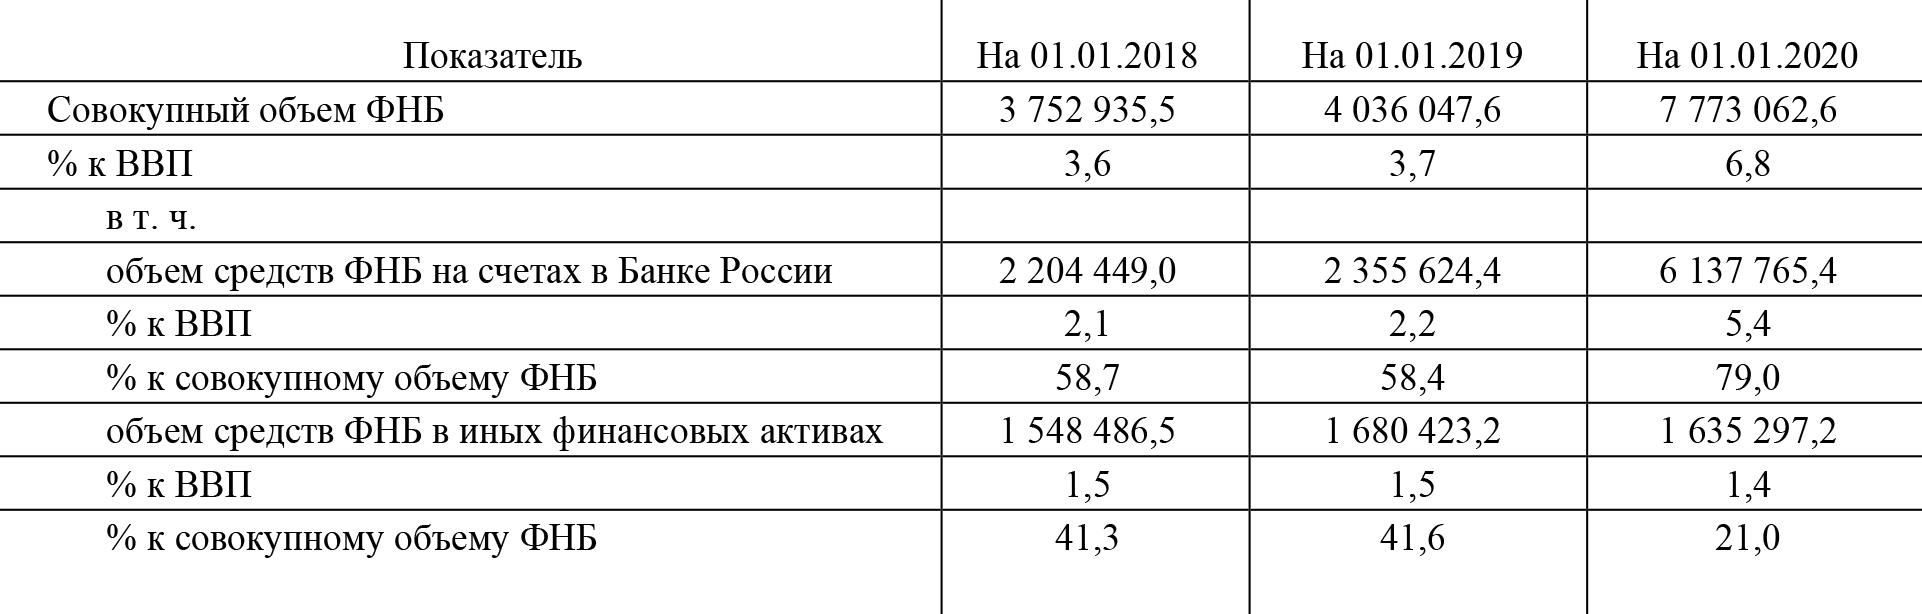 Объемы финансовых активов ФНБ в 2018—2019 годах в млн рублей. Источник: экспертно-аналитический отчет